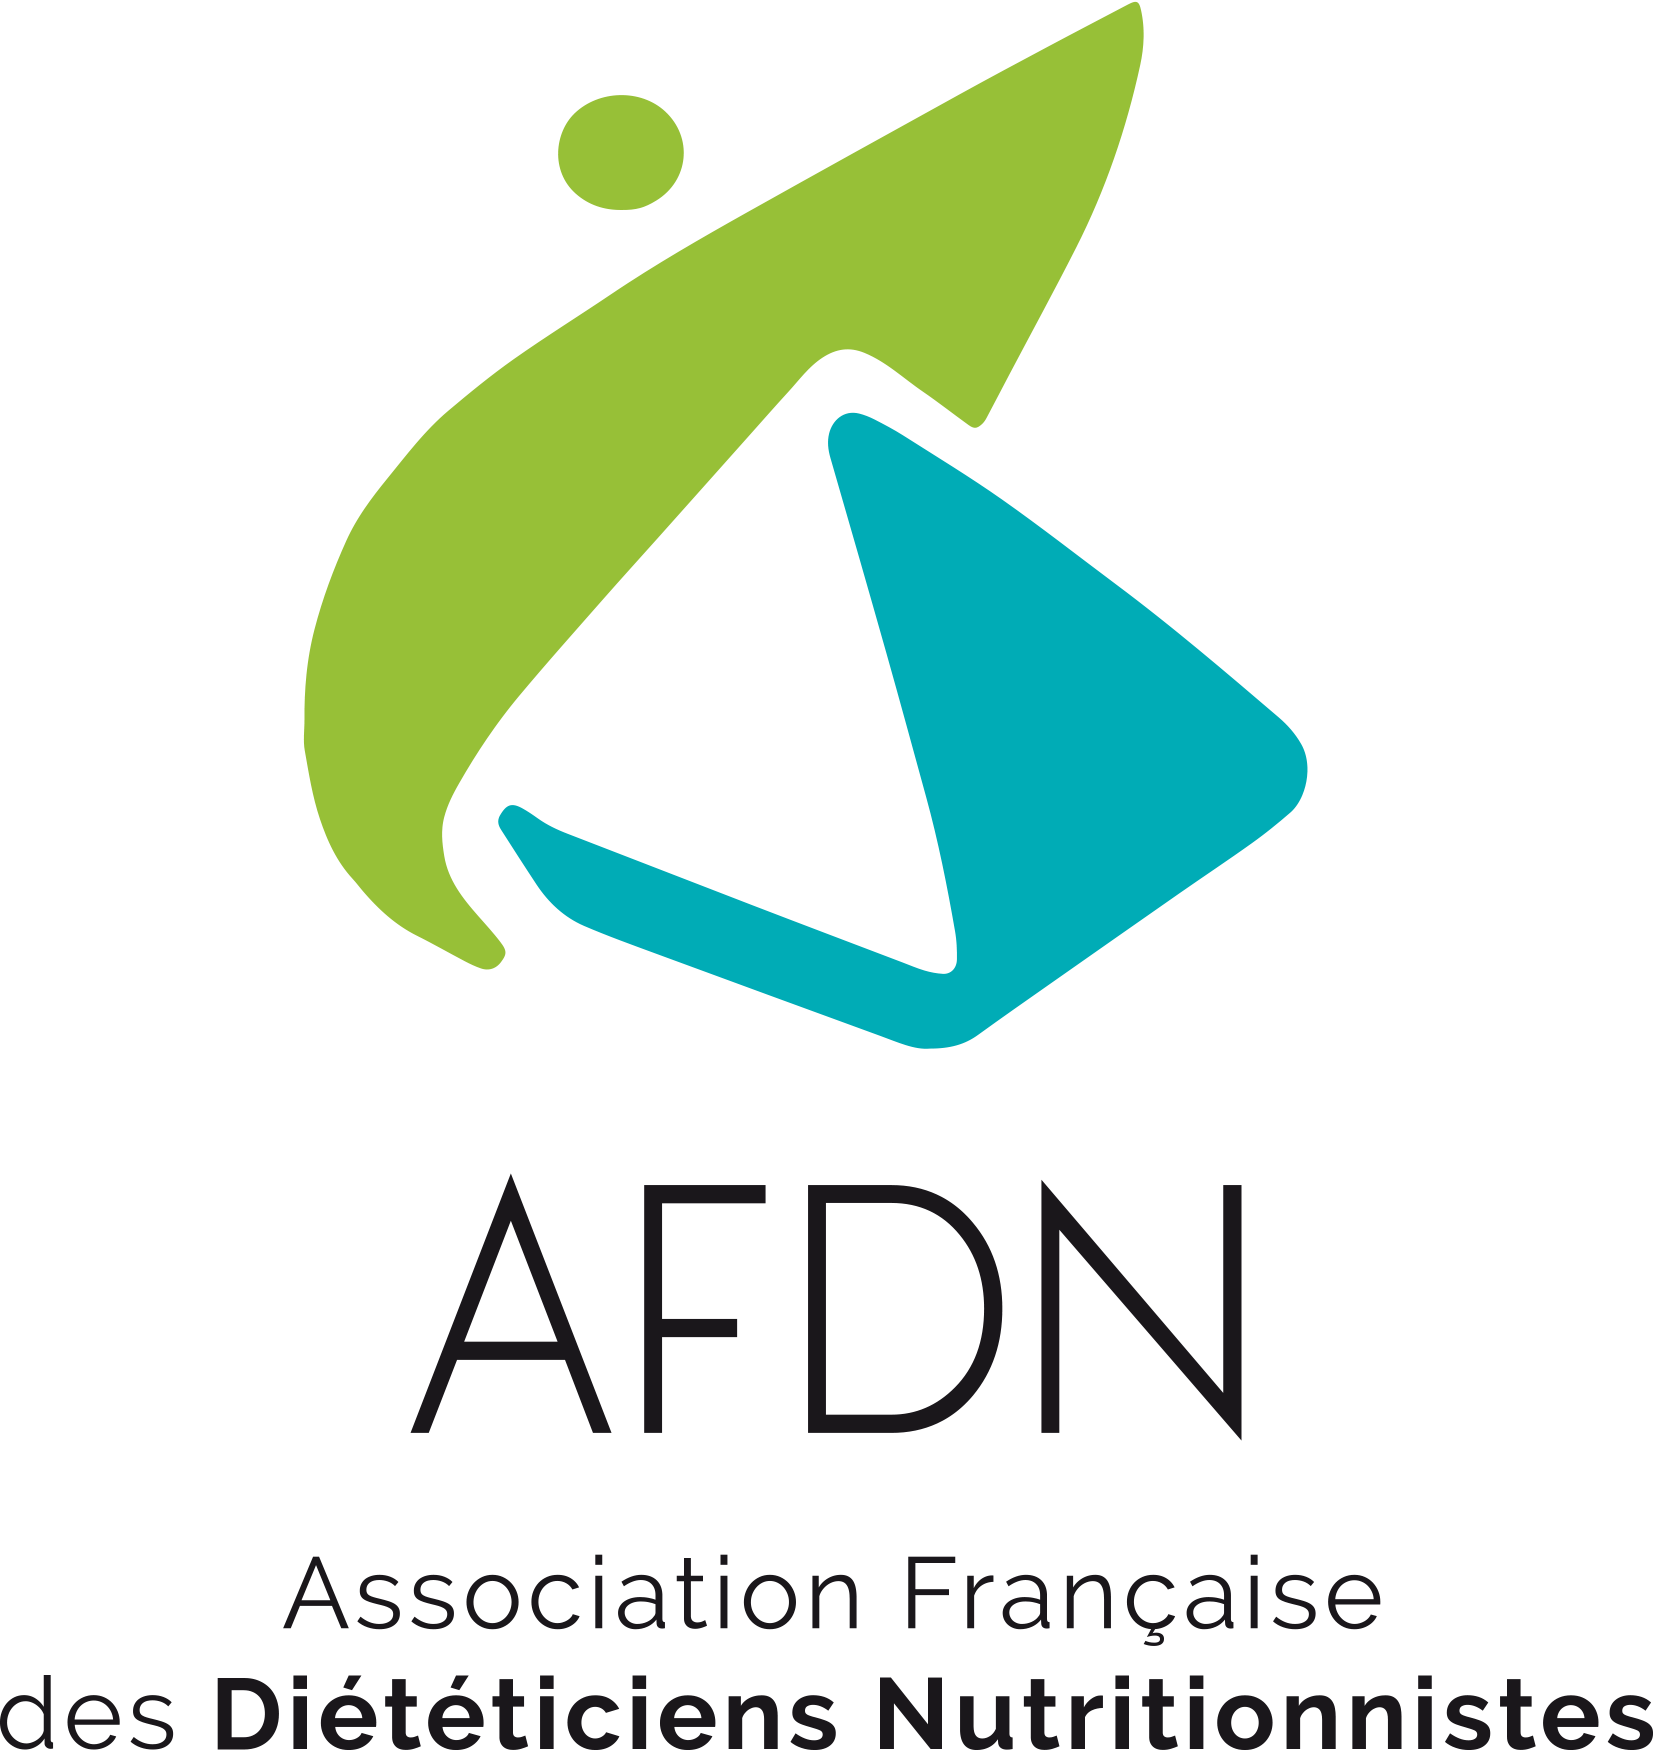 Association Française des Diététiciens Nutritionnistes